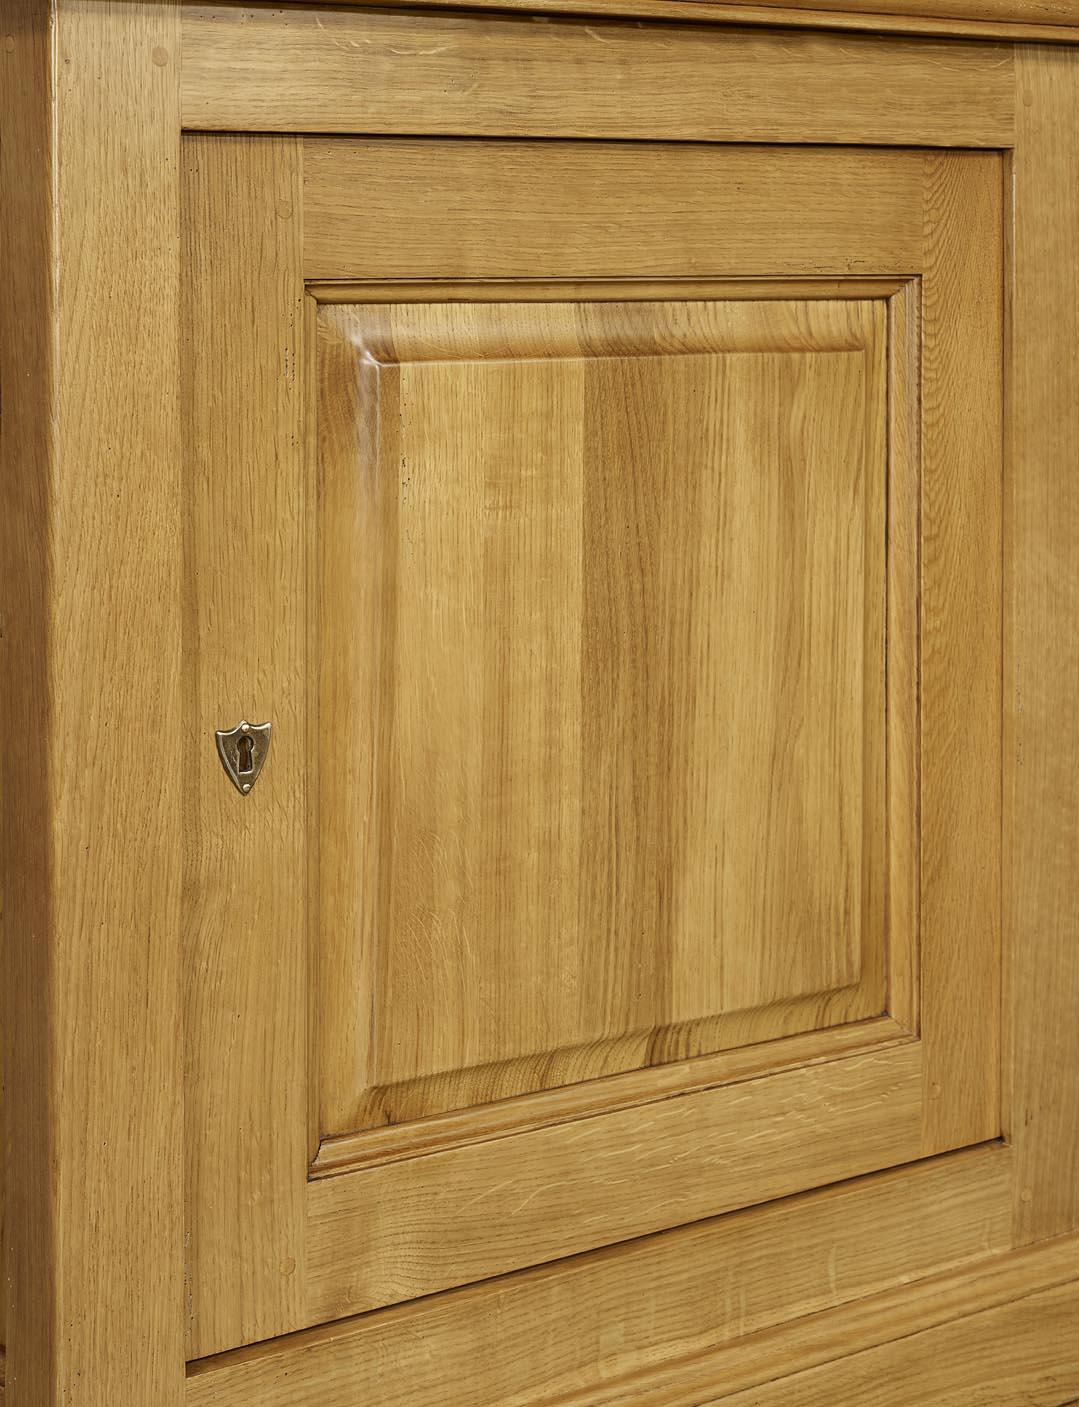 Confiturier en ch ne massif de style louis philippe for Finition de meuble en bois